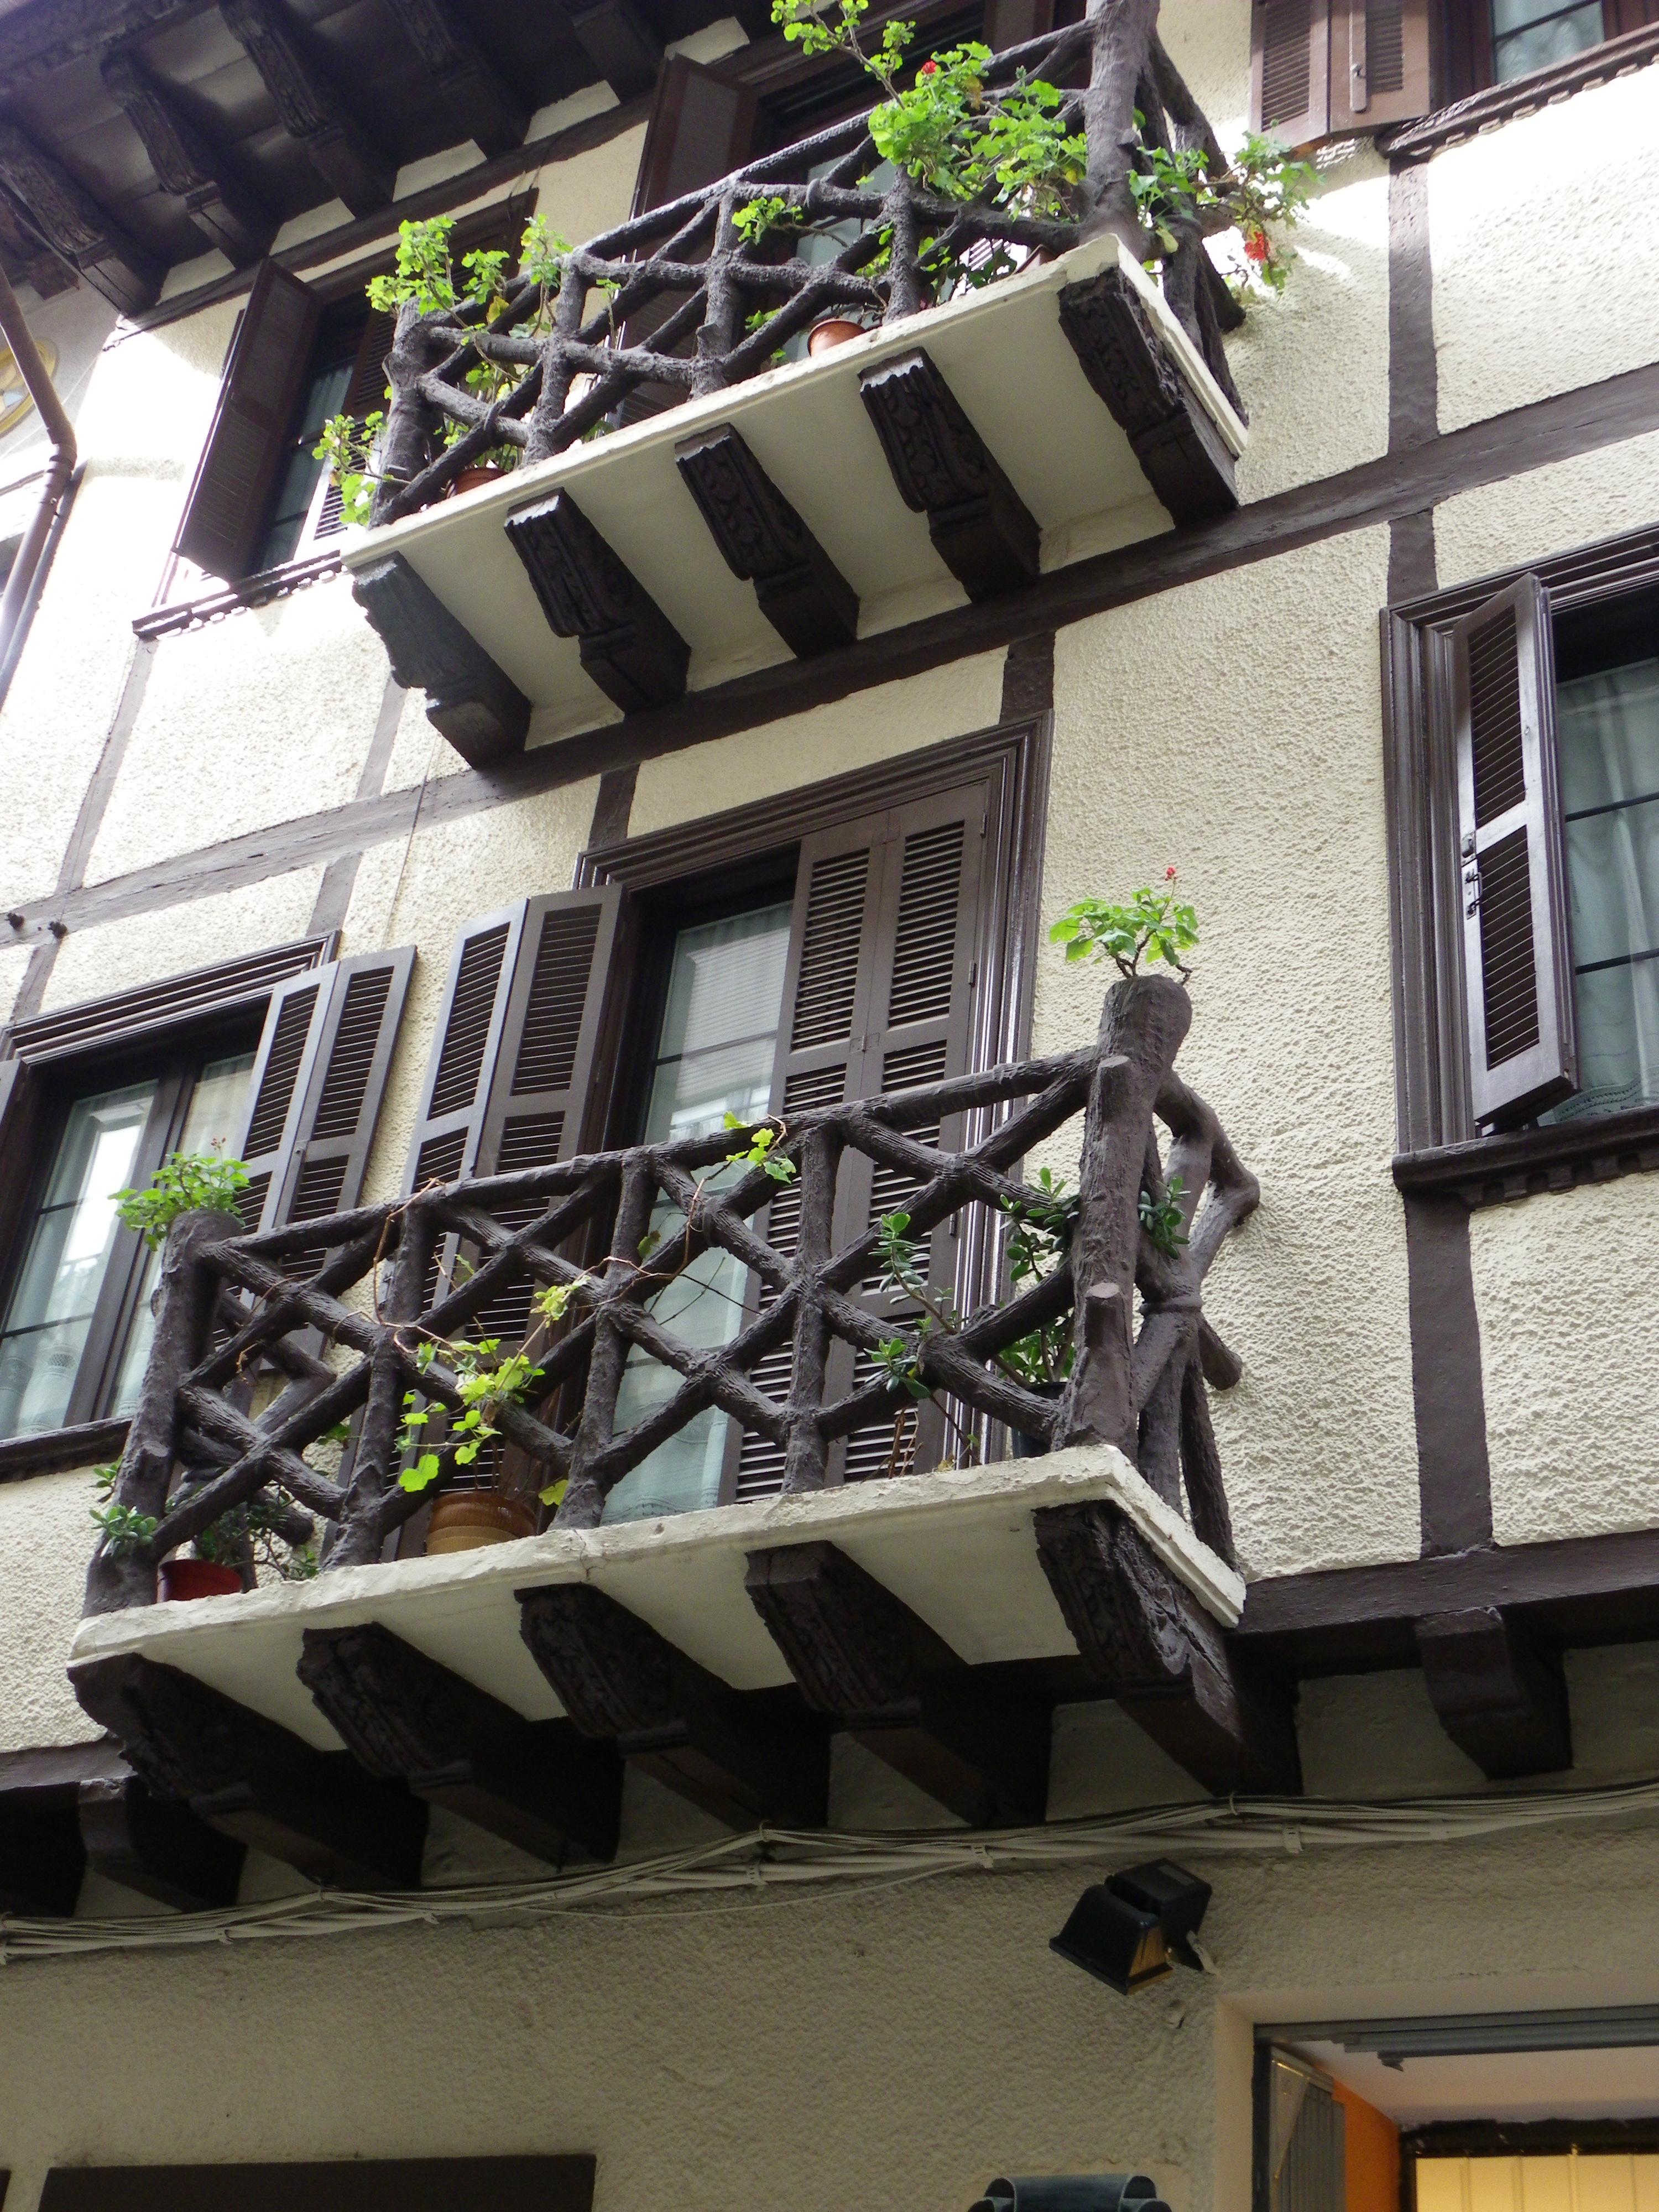 Balcones de madera flickr photo sharing - Balcones de madera ...